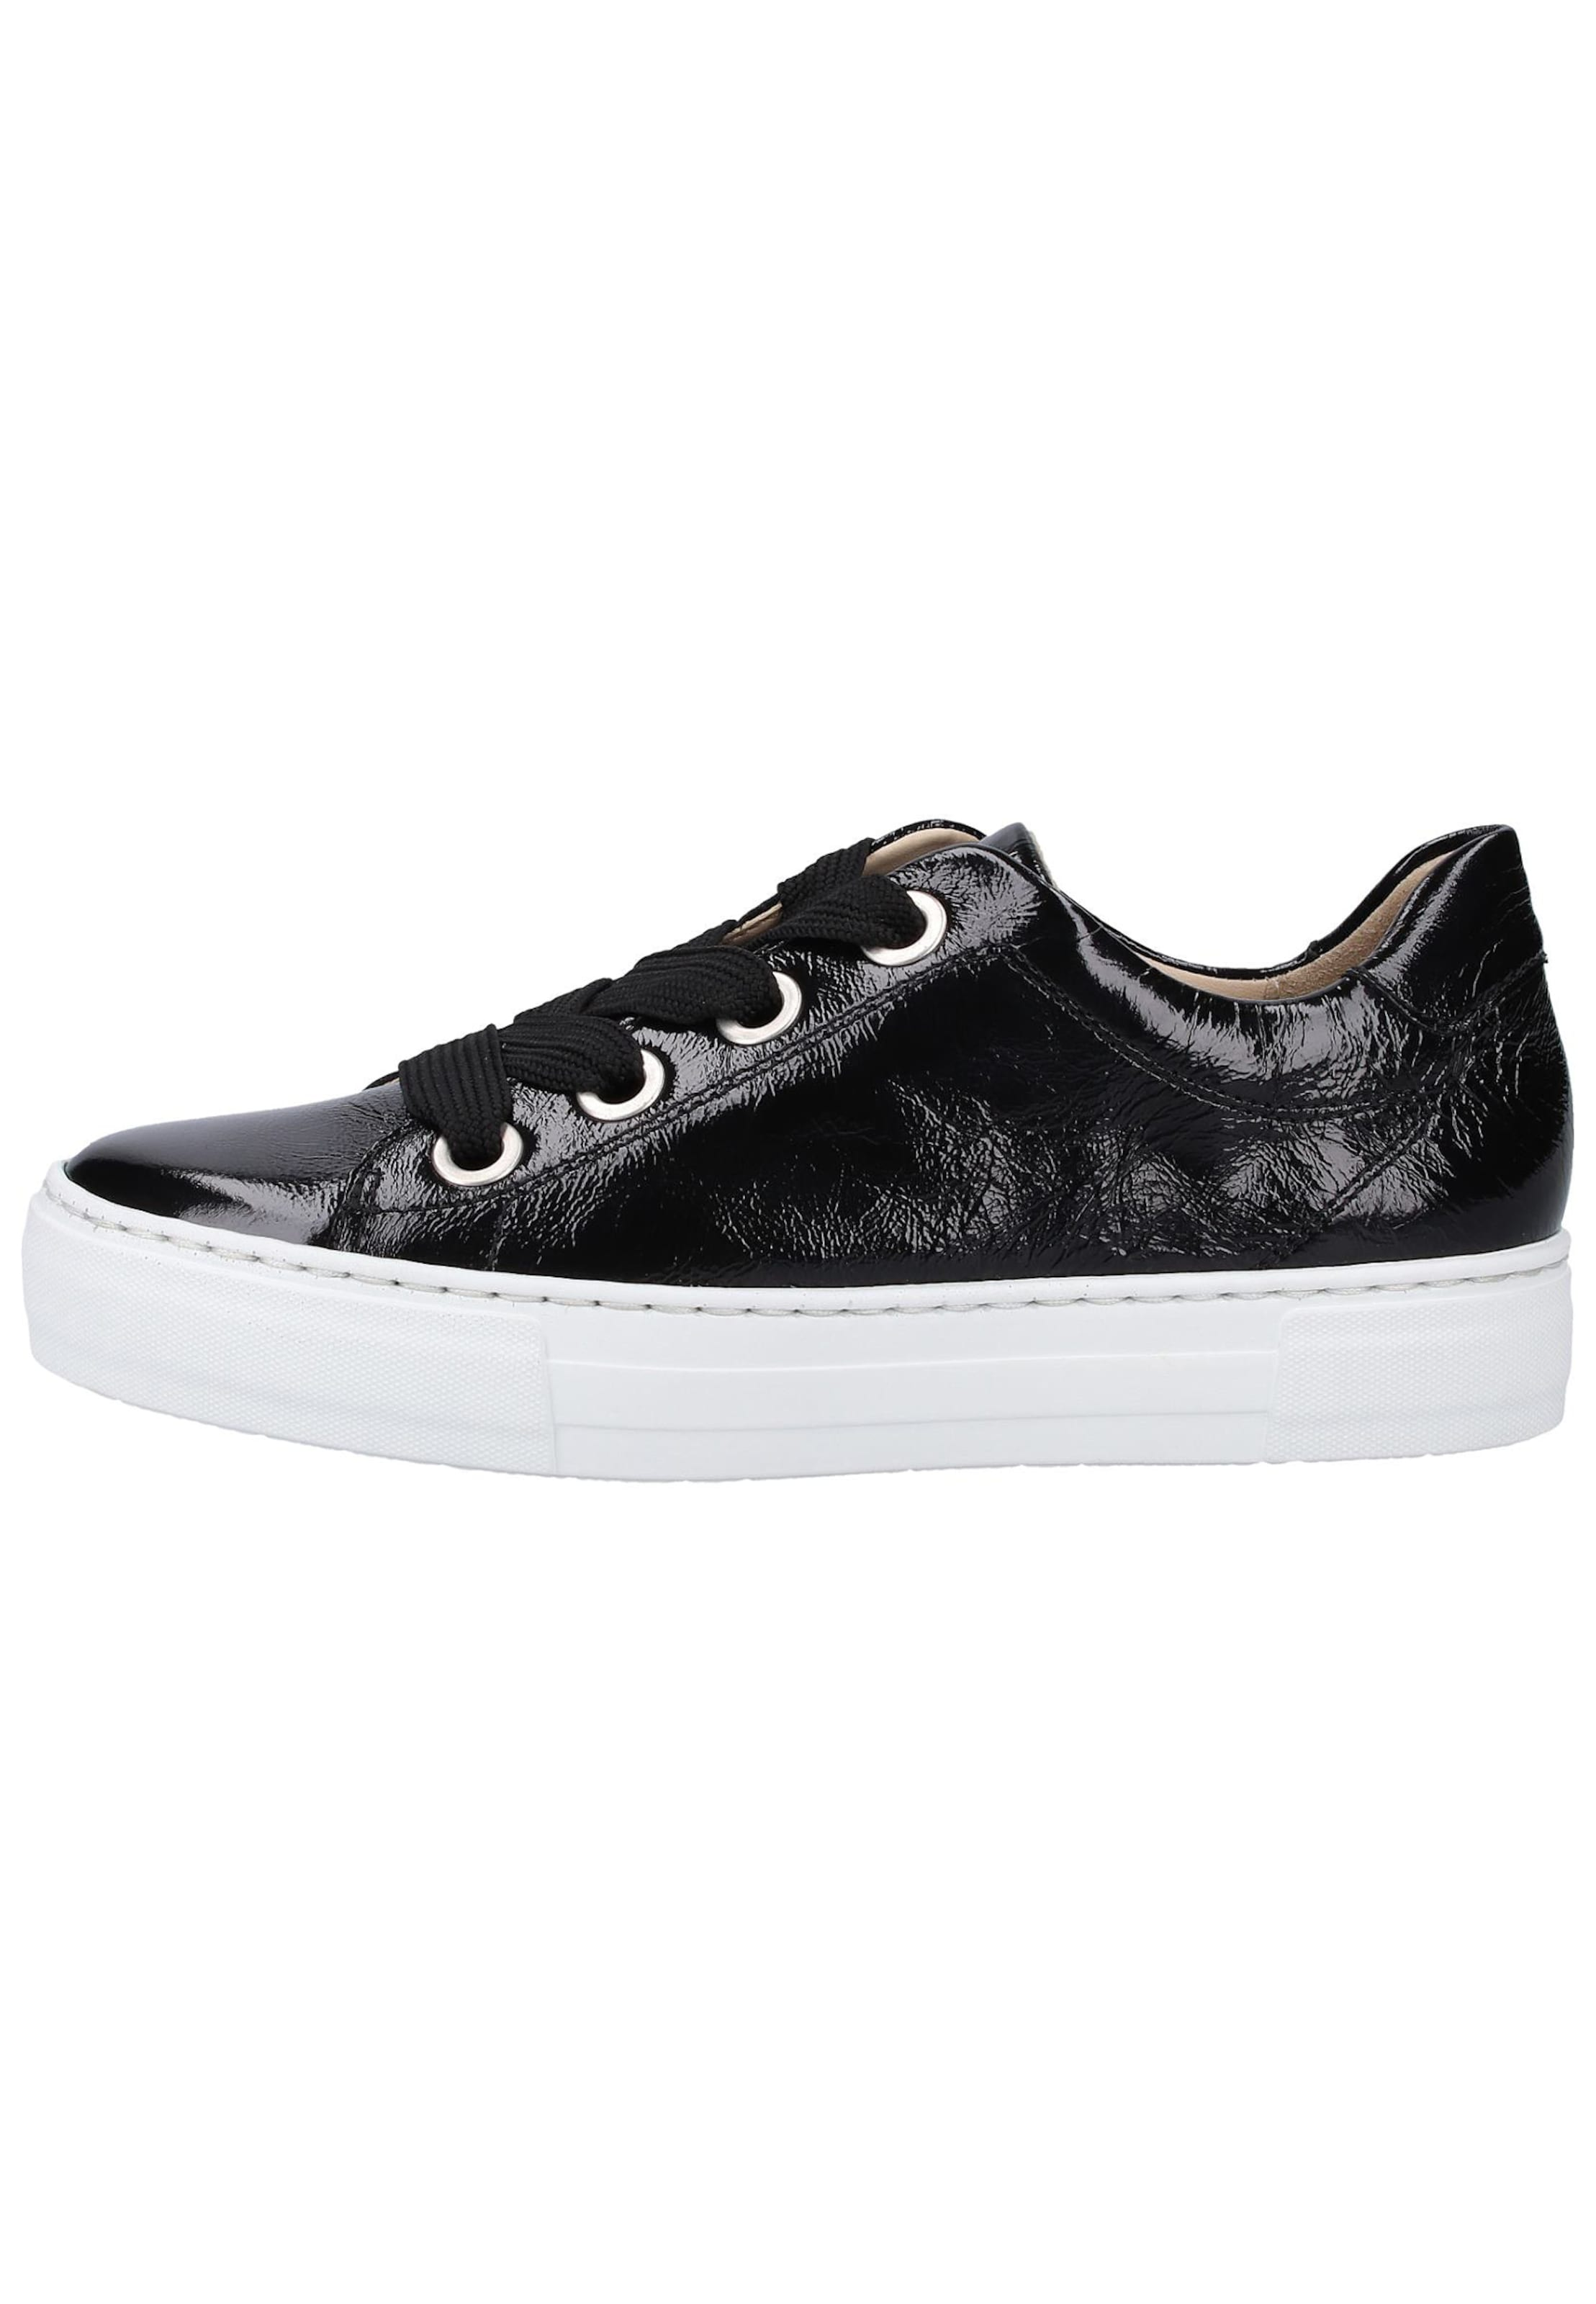 Ara Ara In Ara Schwarz Sneaker Schwarz In Sneaker gmYyfvb6I7